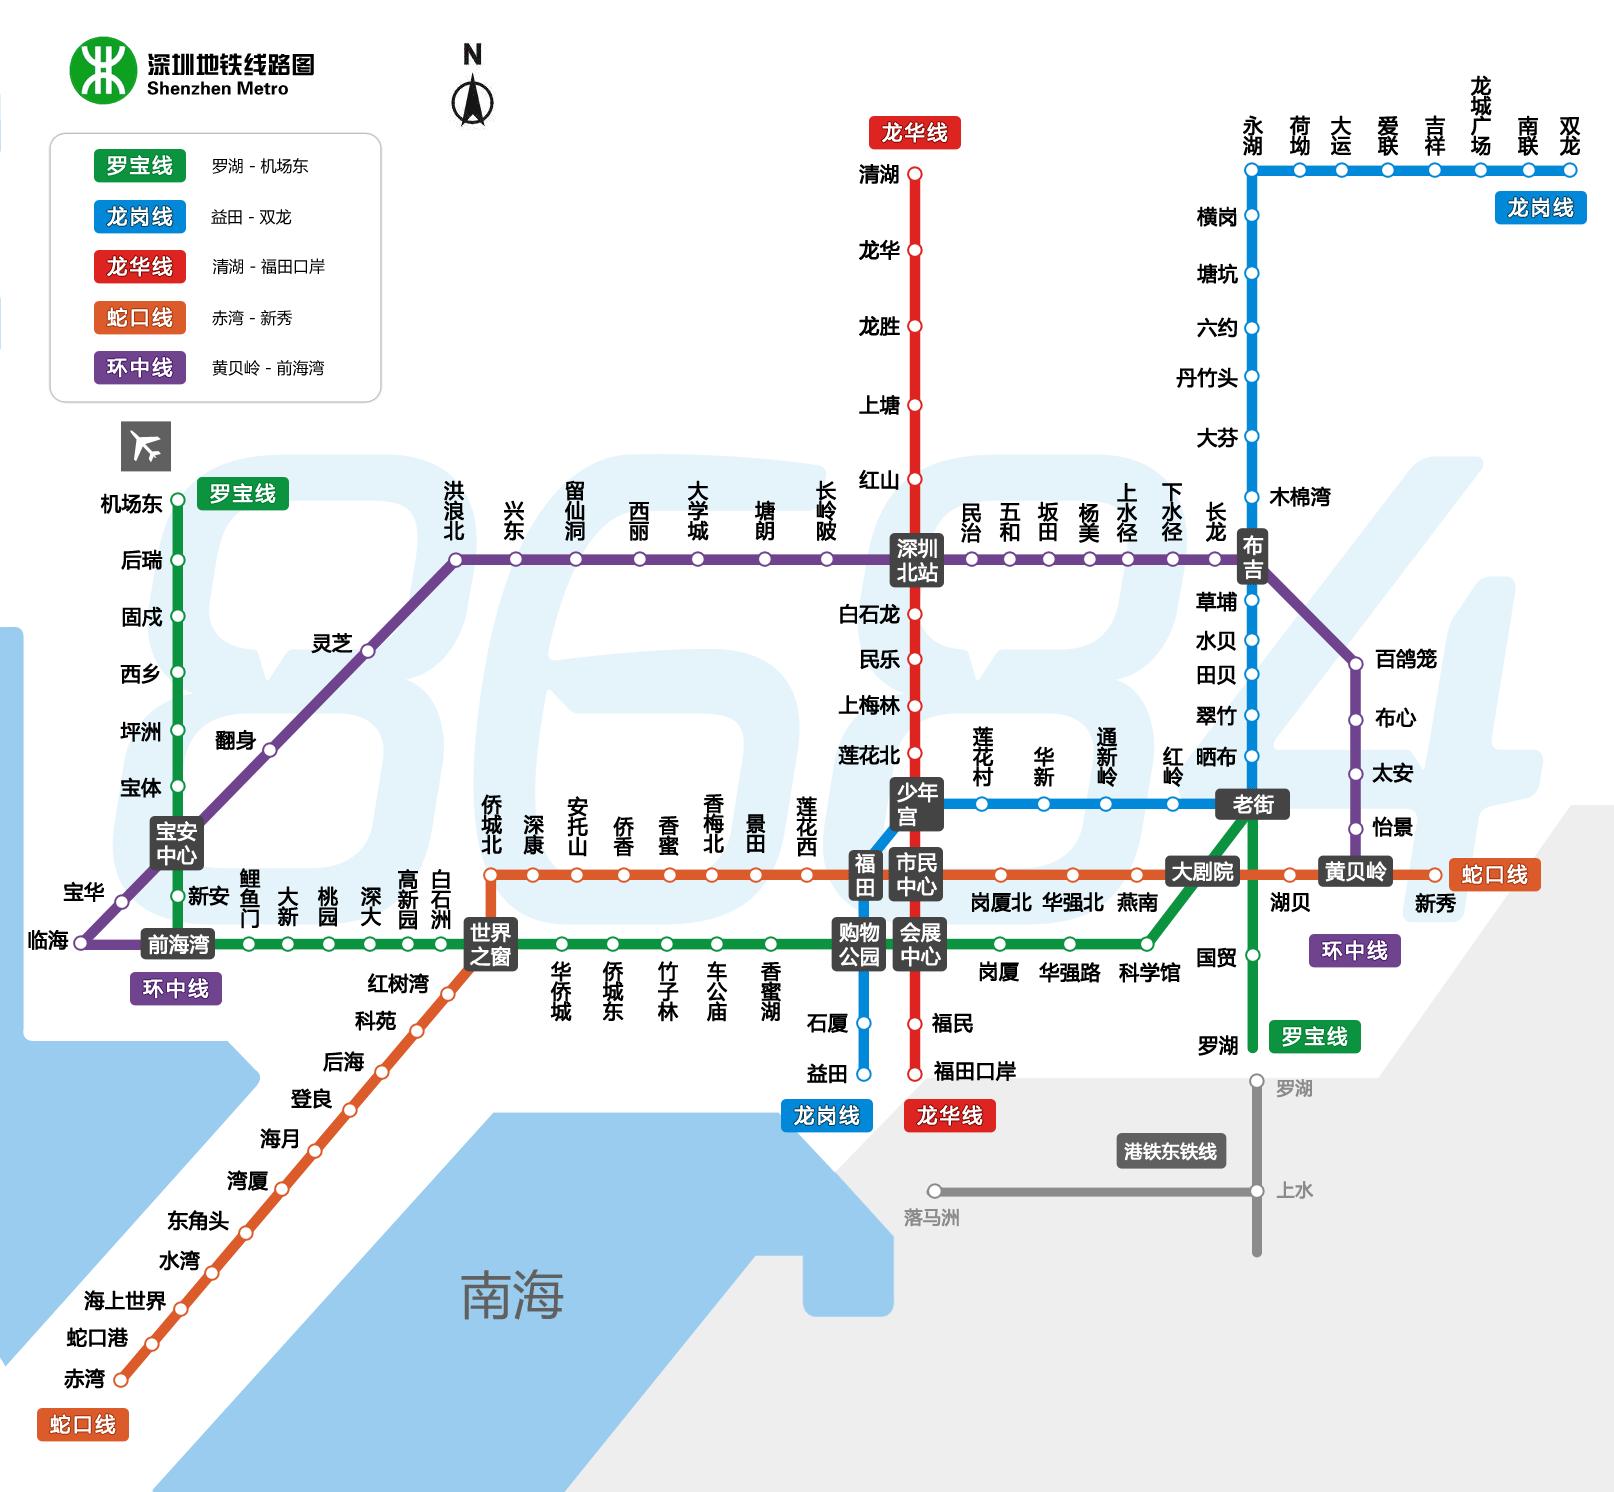 深圳地铁线路图(点击查看大图)